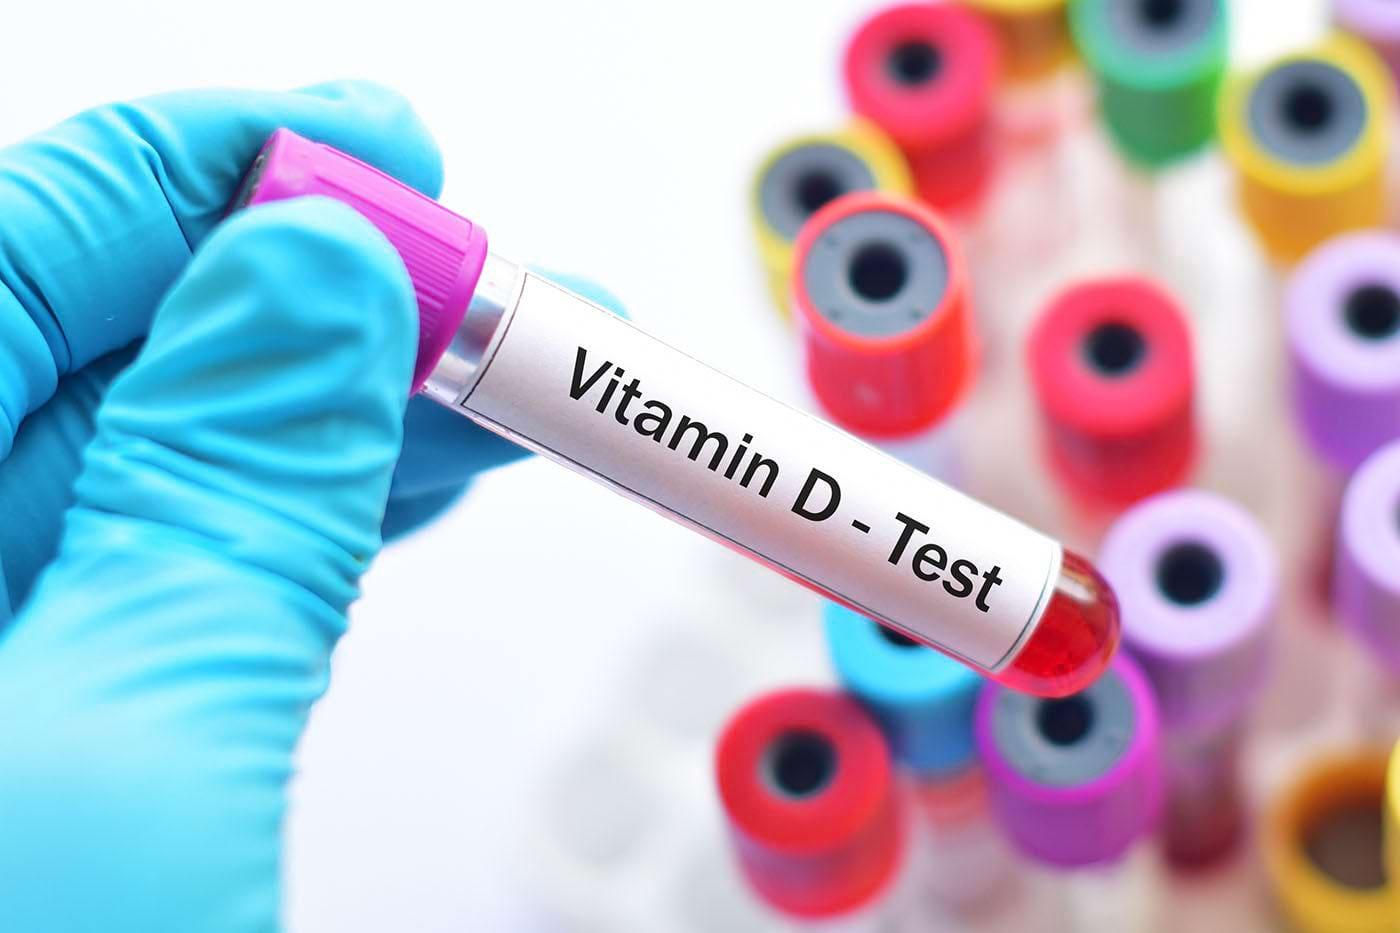 Carența de vitamina D a mamei, asociată cu autismul la băieți [studiu]